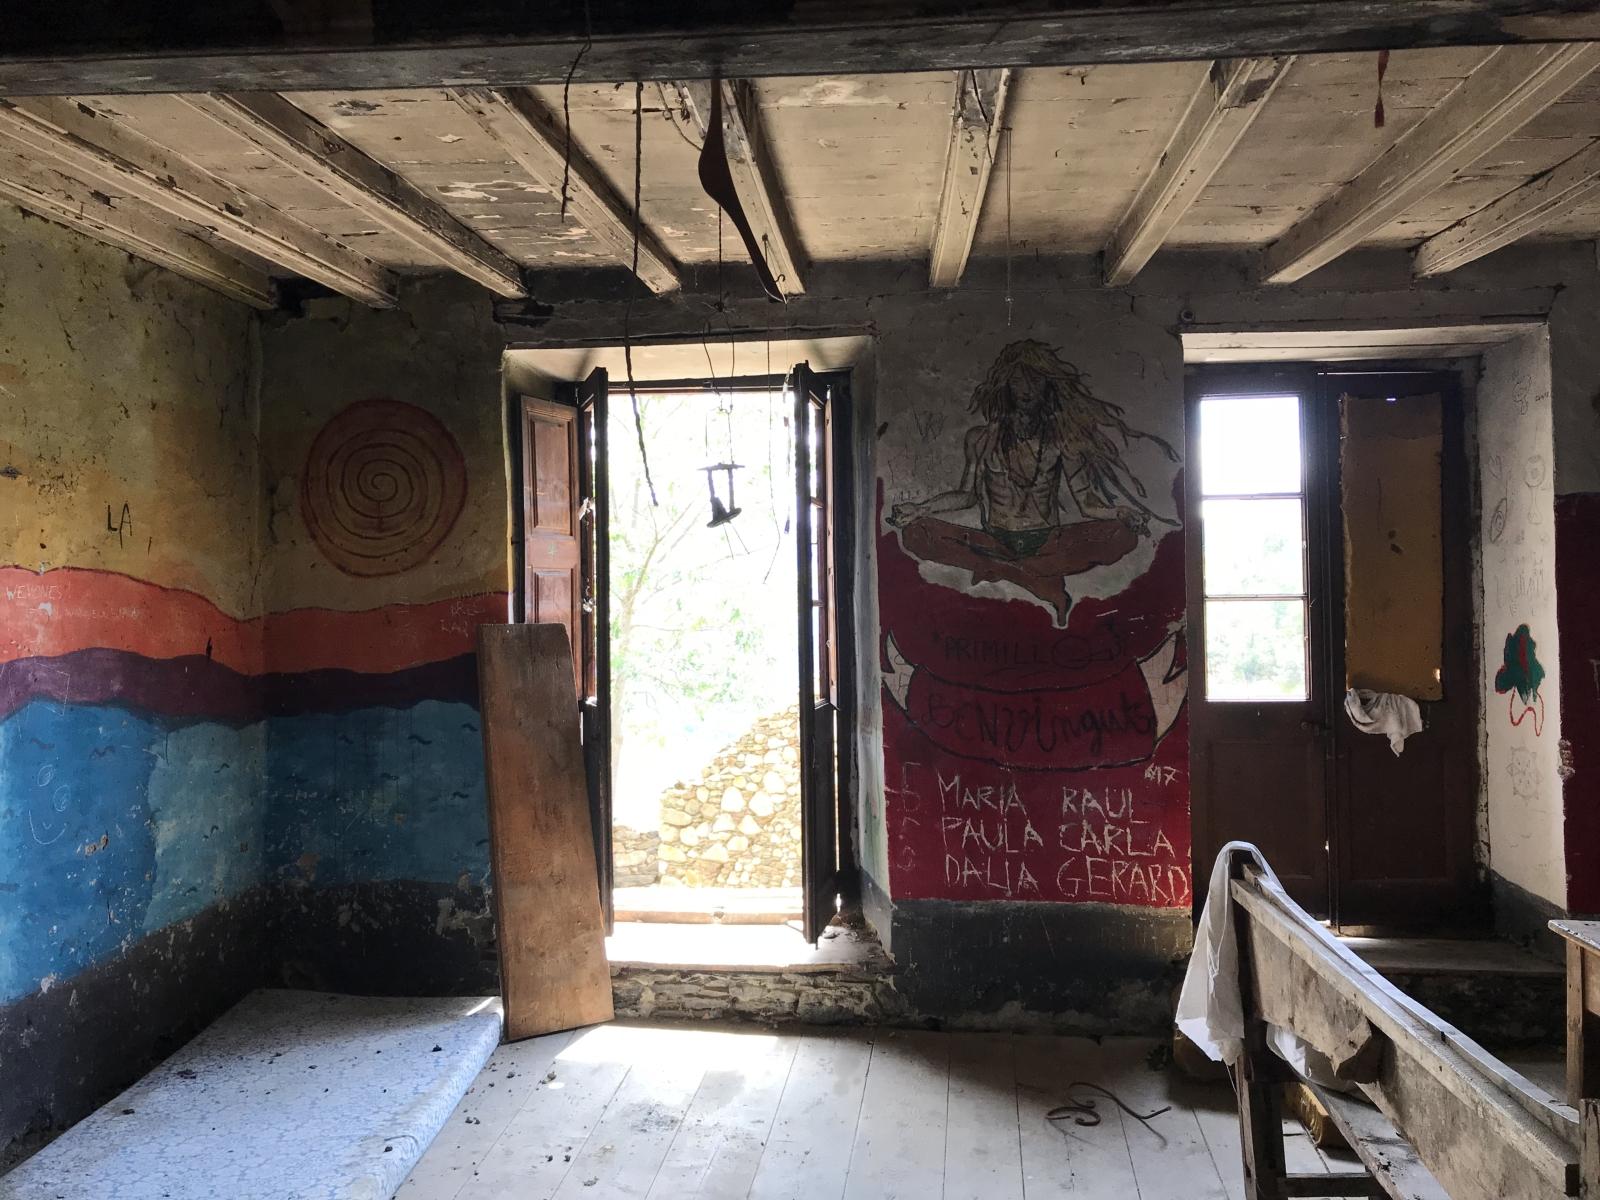 Hier wohnte wohl mal eine Hippie-Gemeinschaft.